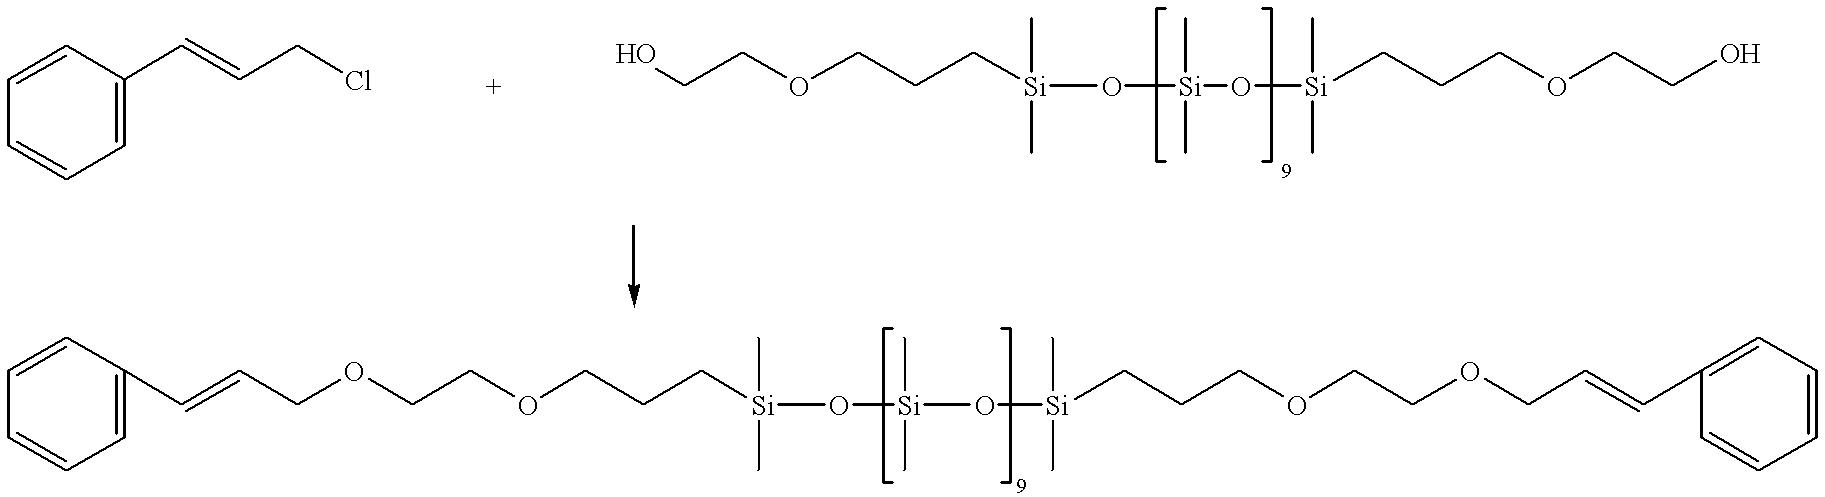 Figure US06908957-20050621-C00024